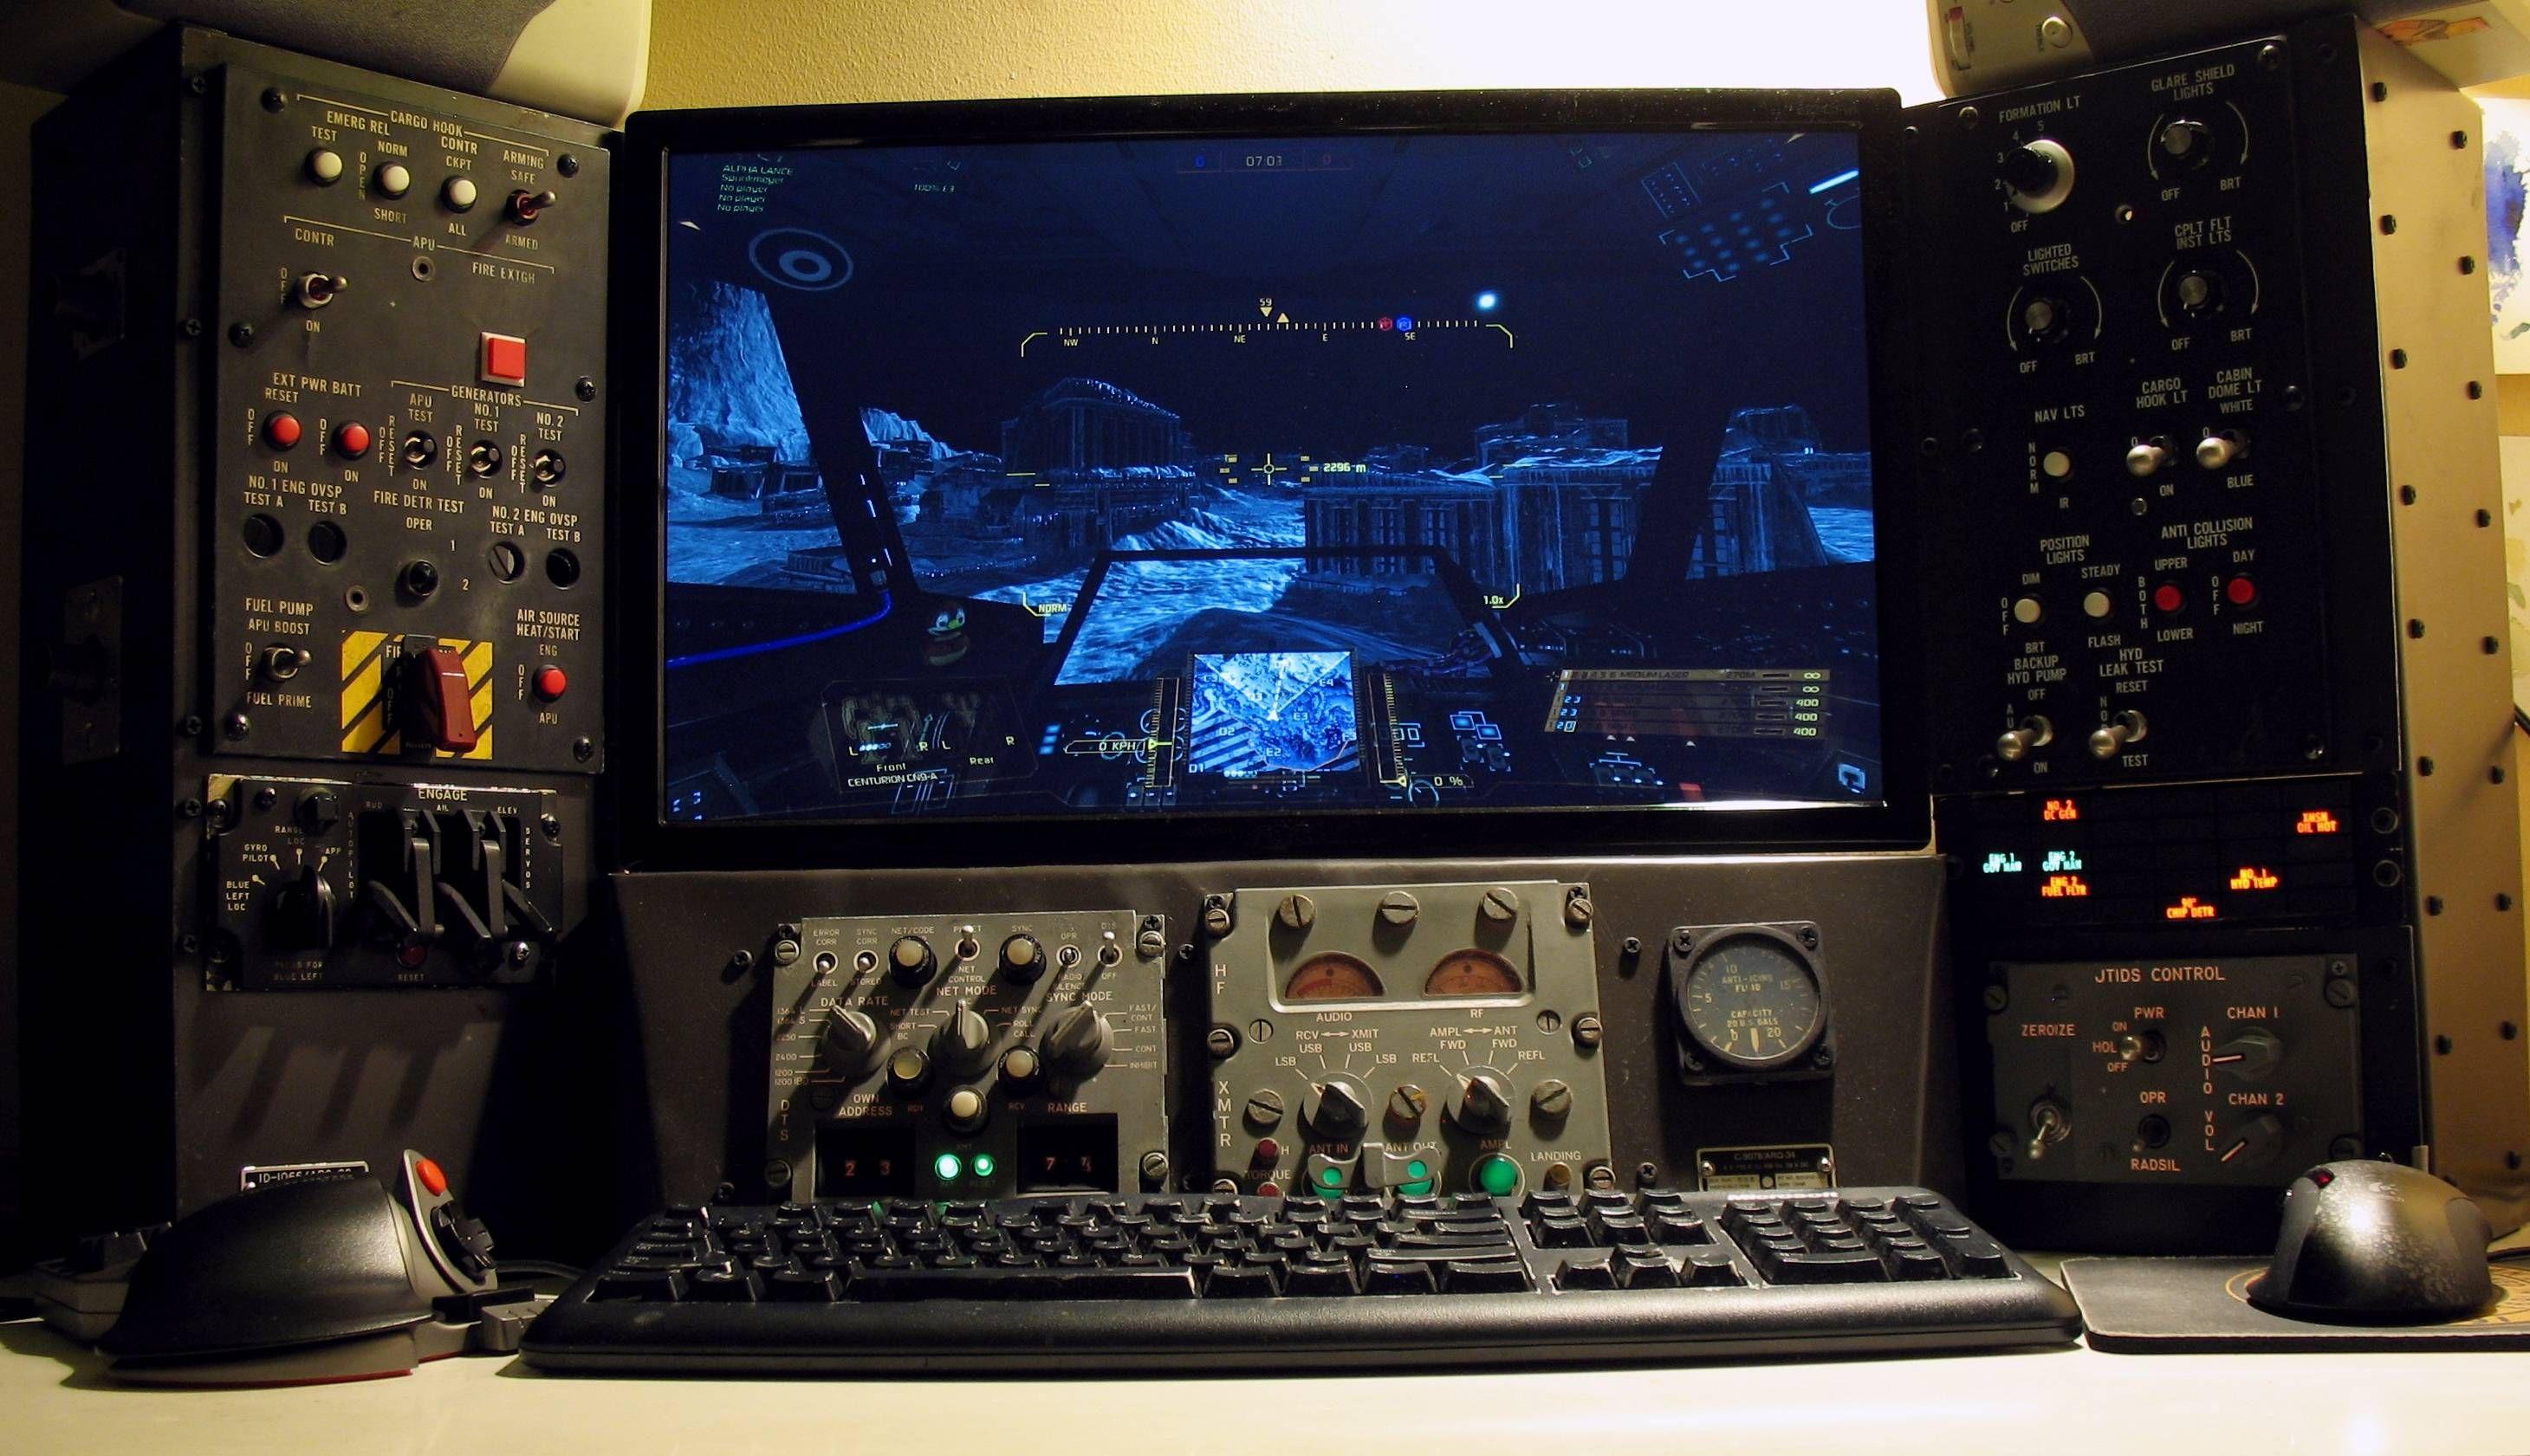 Desktop Mechwarrior Cockpit - PC Gaming Battle Station via